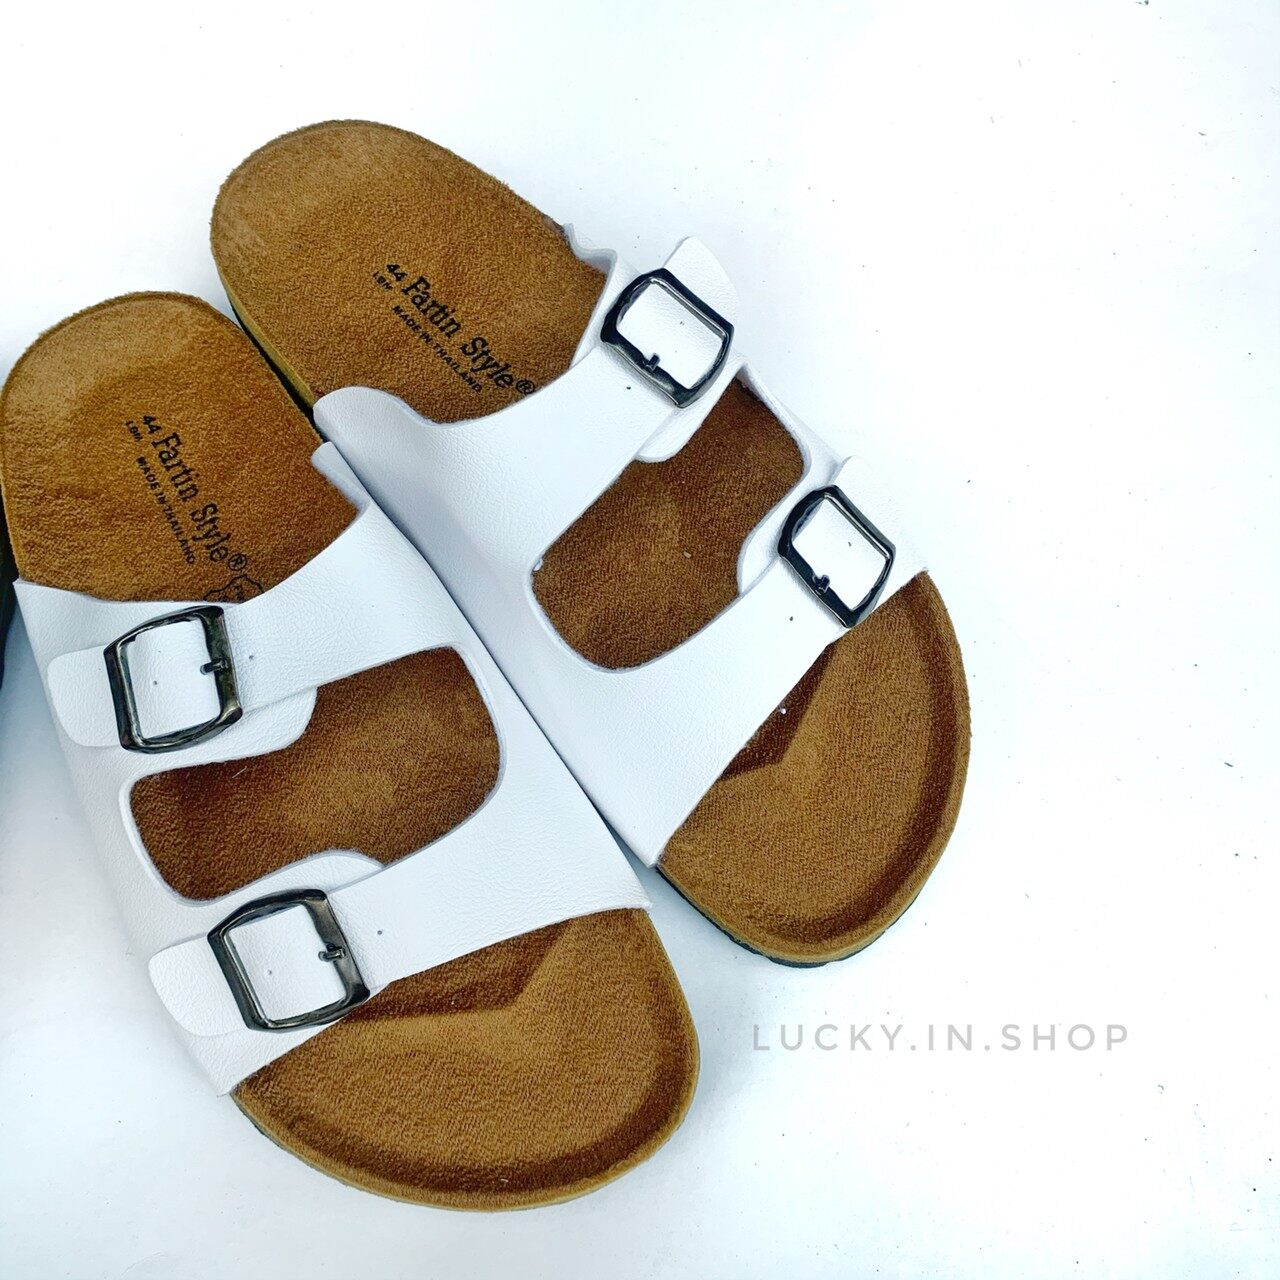 รองเท้าแตะทรงไบเก้น Birkenstock ไซส์ 36-41 มี2ลายยอดฮิต เลื่อนดูรูปถัดไป